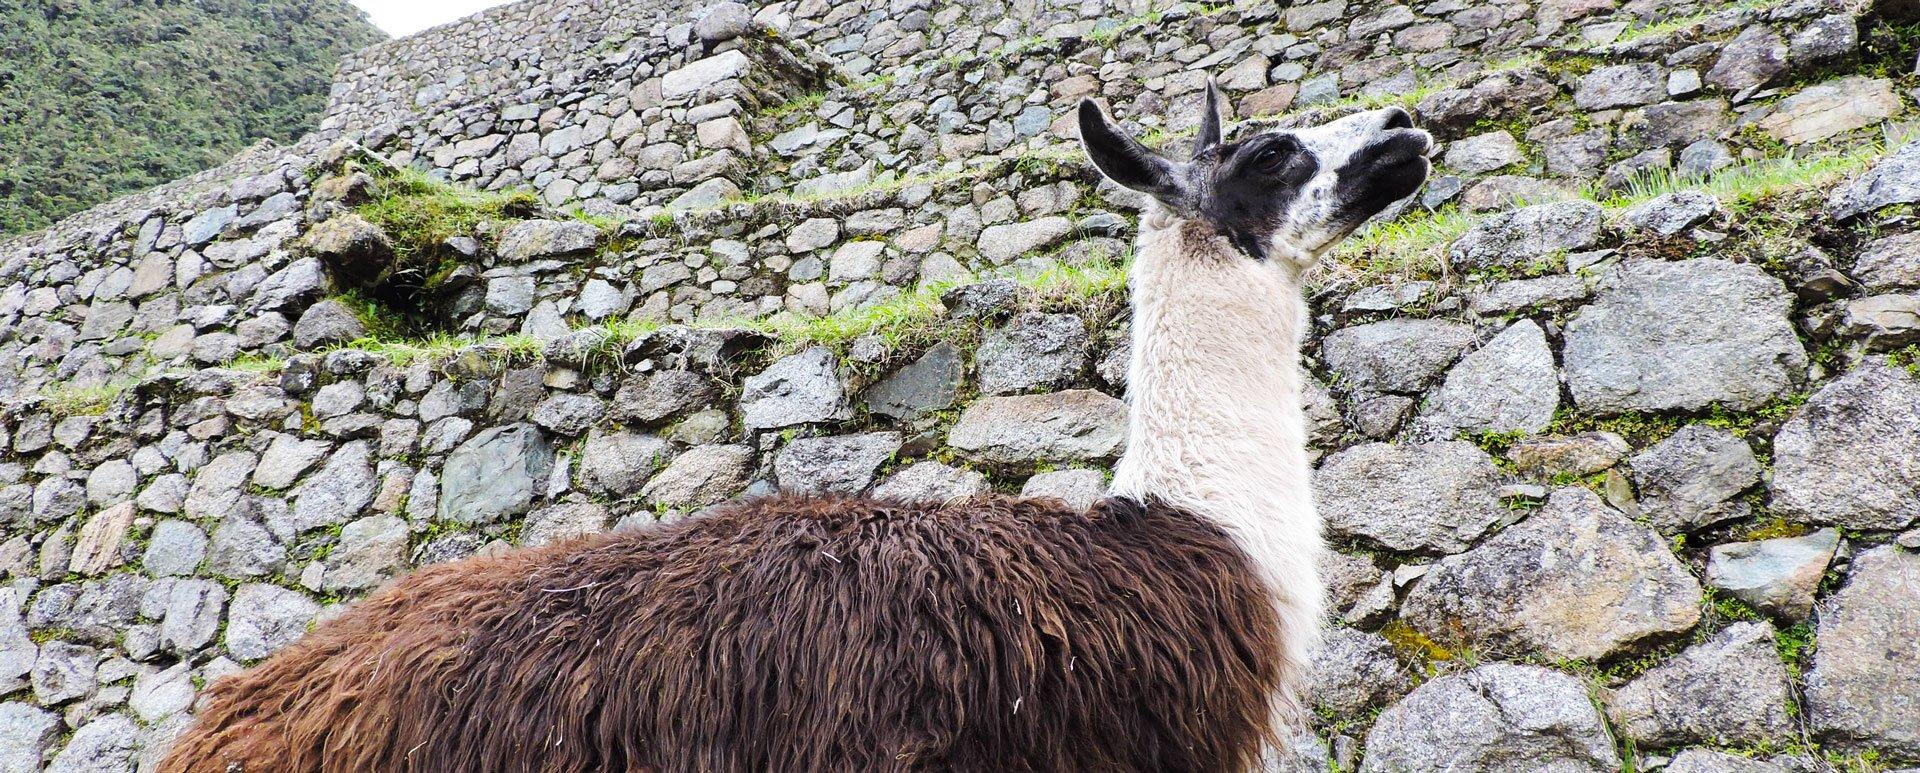 llama at Machu Picchu ruins